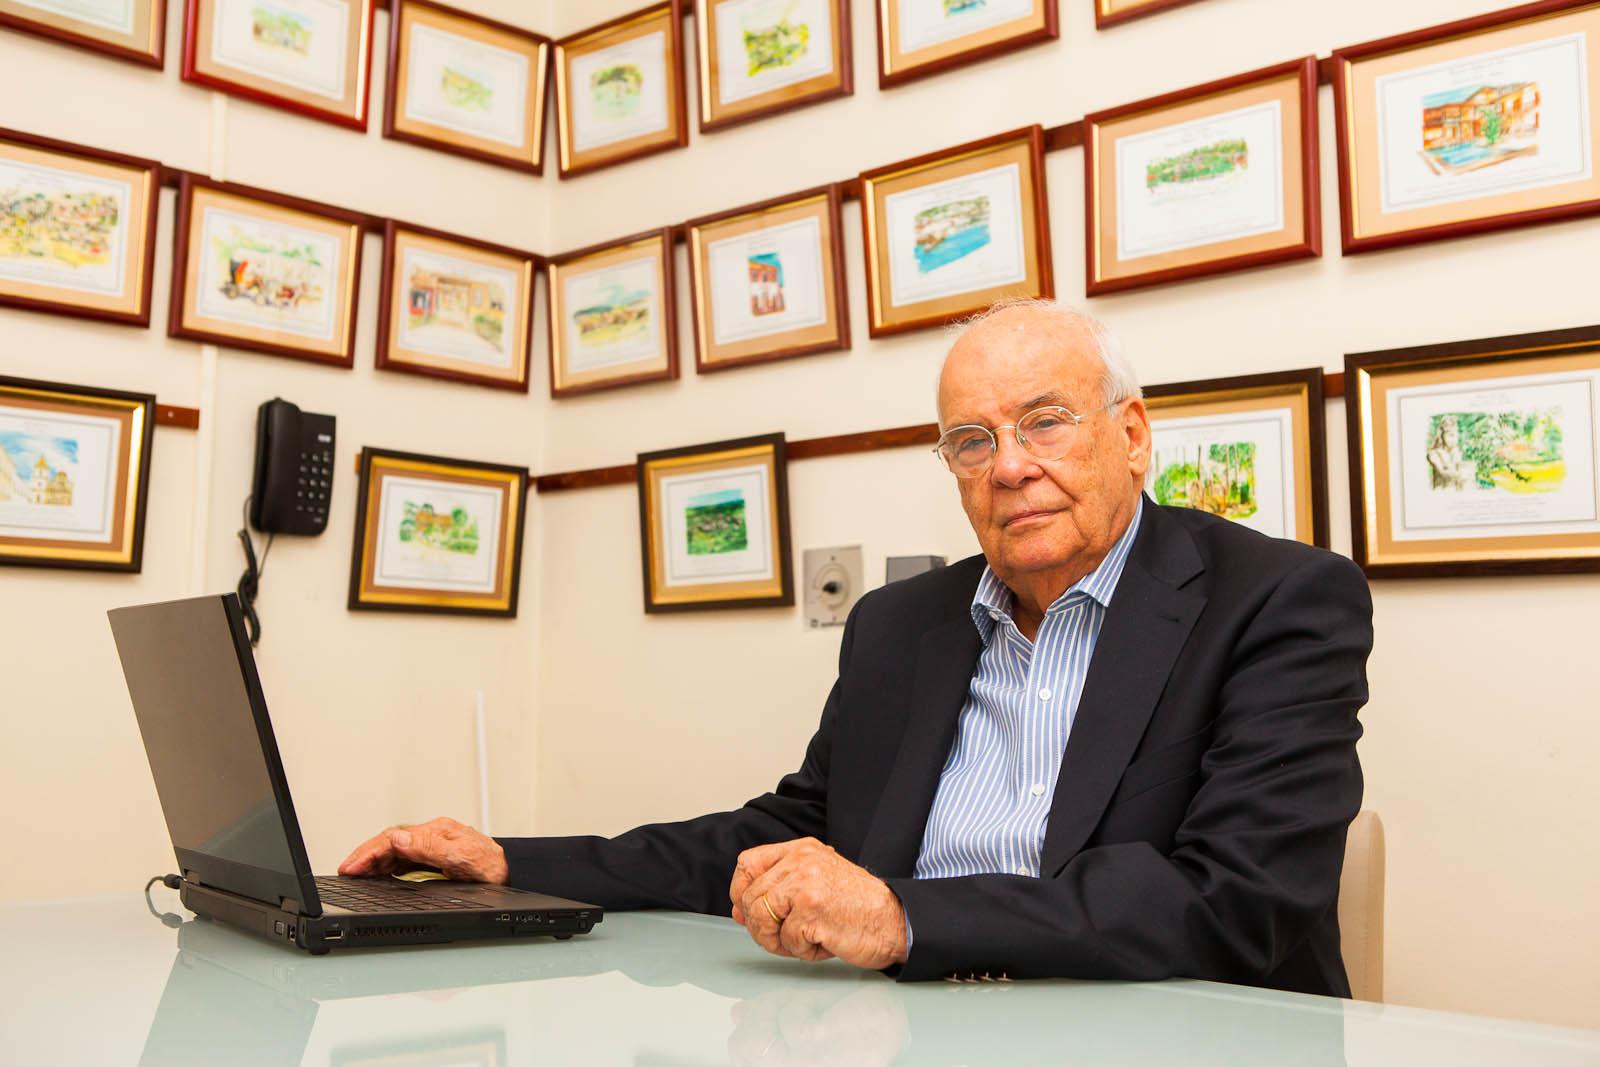 Helenio Waddington, Presidente da Associação de Hotéis Roteiros de Charme em seu escritório, Ipanema, Rio de Janeiro, RJ